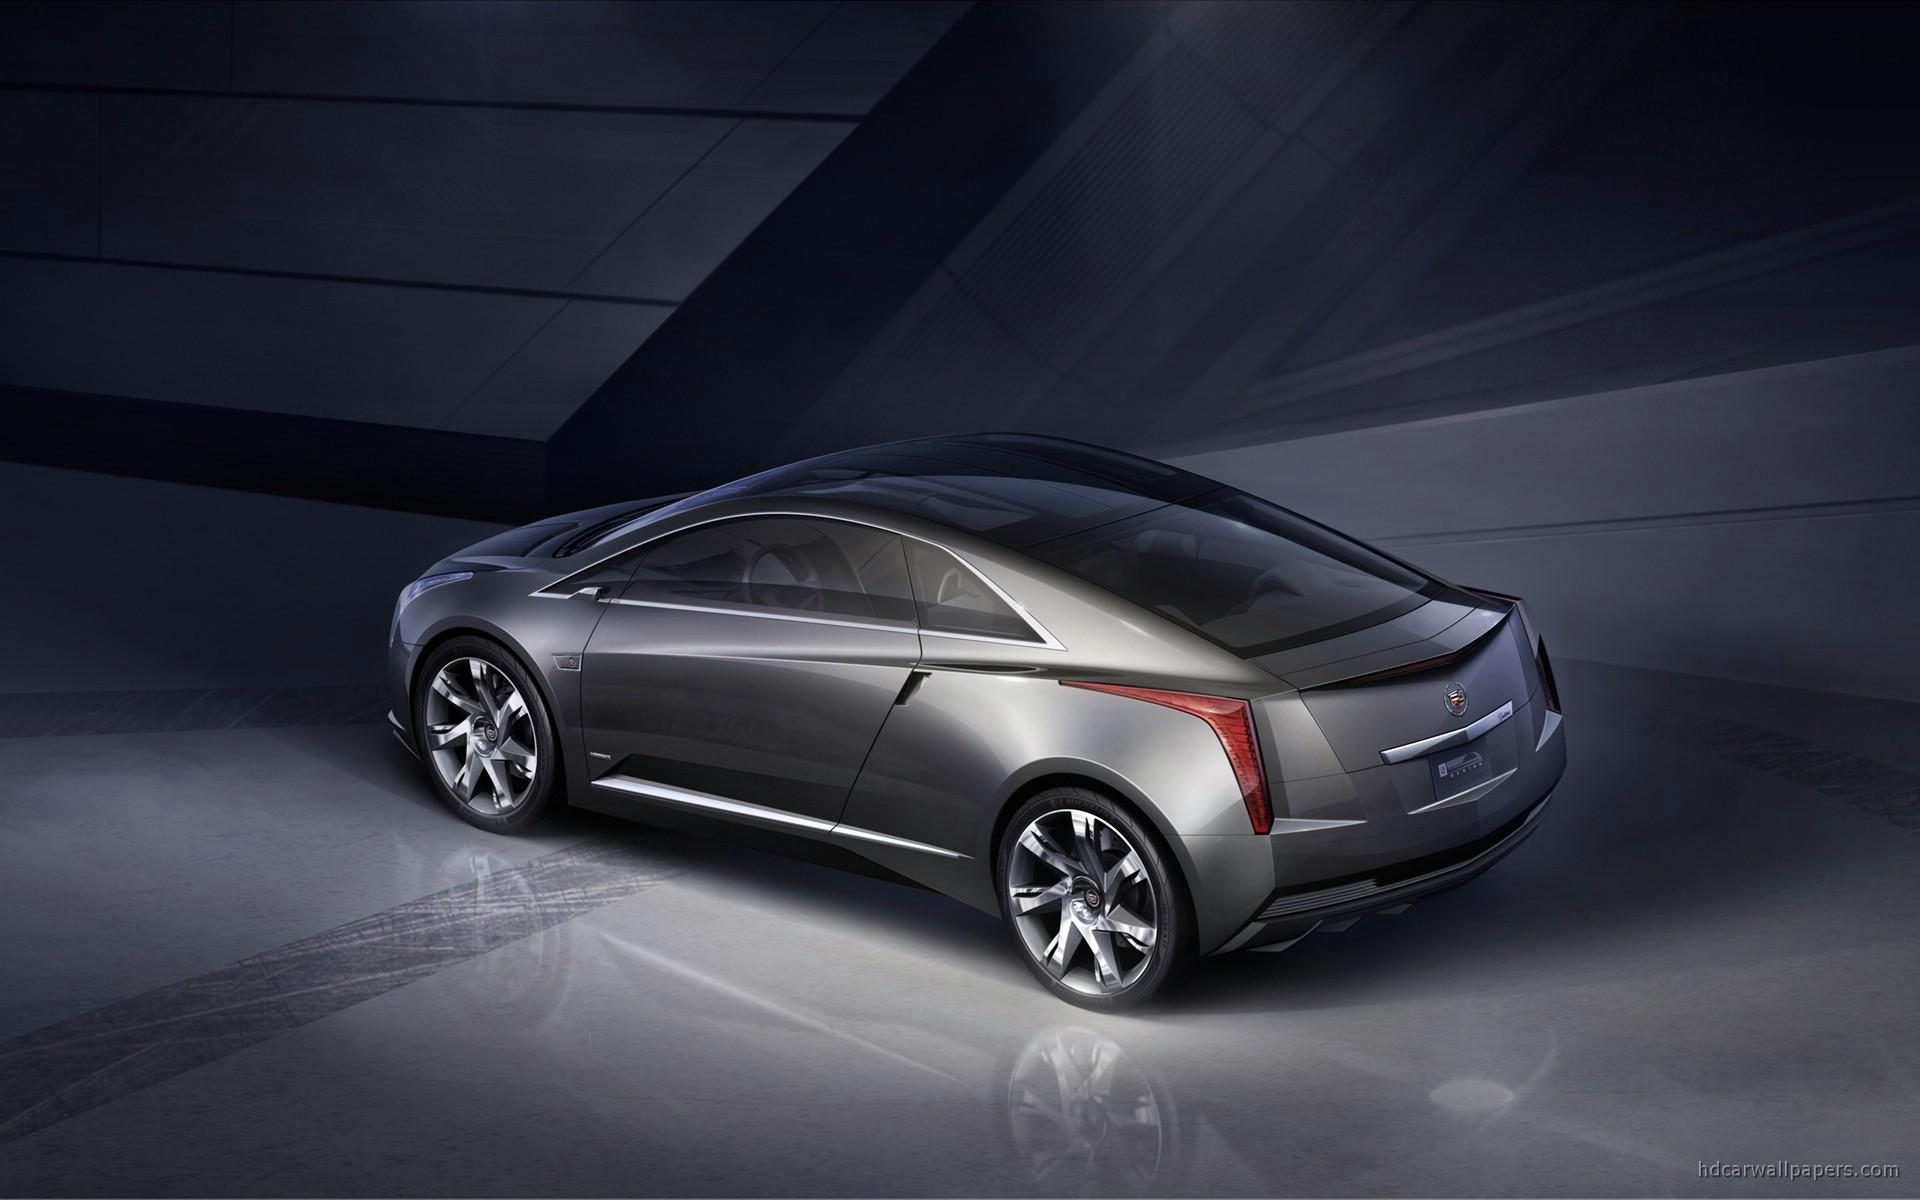 cadillac converj concept car wallpaper hd car wallpapers id 524. Black Bedroom Furniture Sets. Home Design Ideas